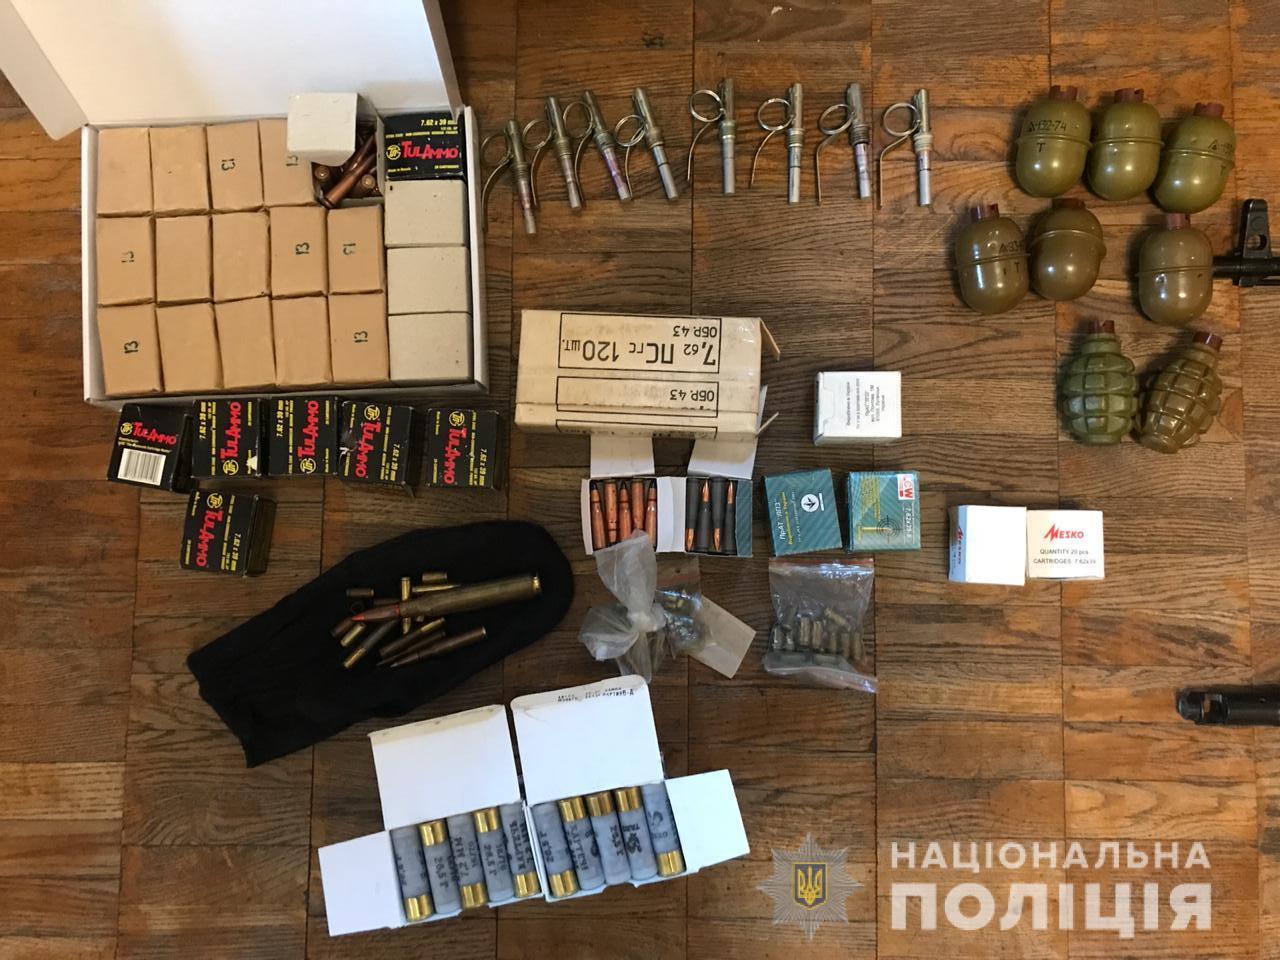 Цілий арсенал: на Київщині затримали збувача вогнепальної зброї -  - kyyivzbroya3